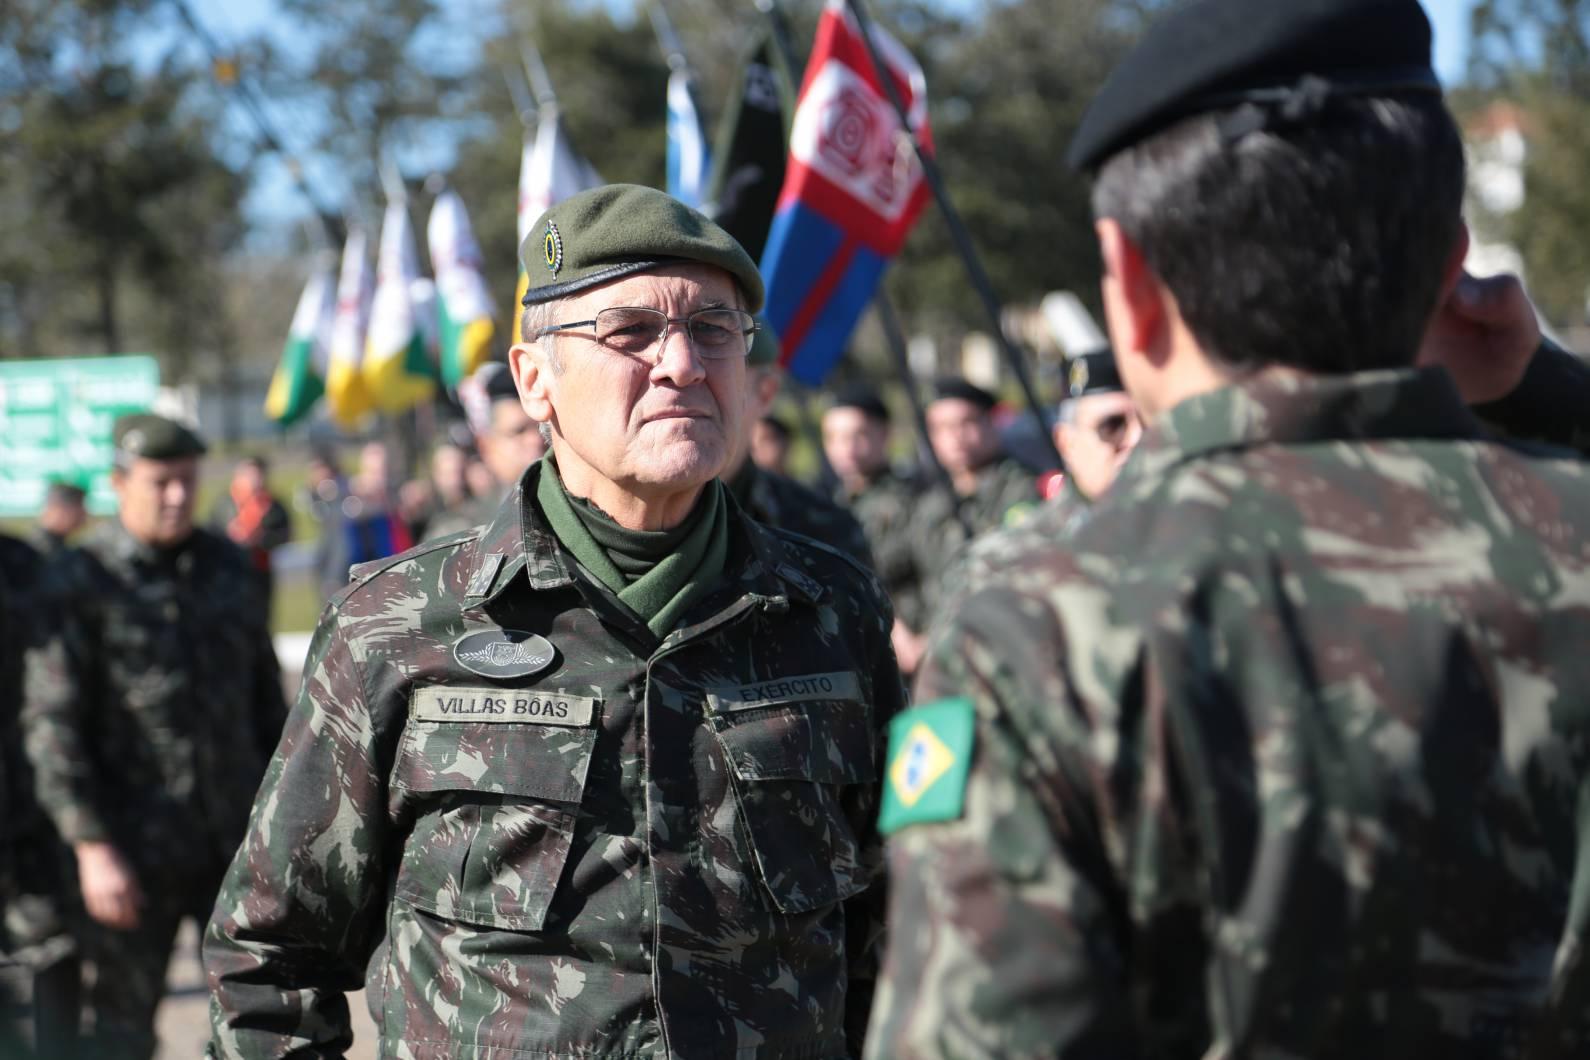 General Villas Bôas